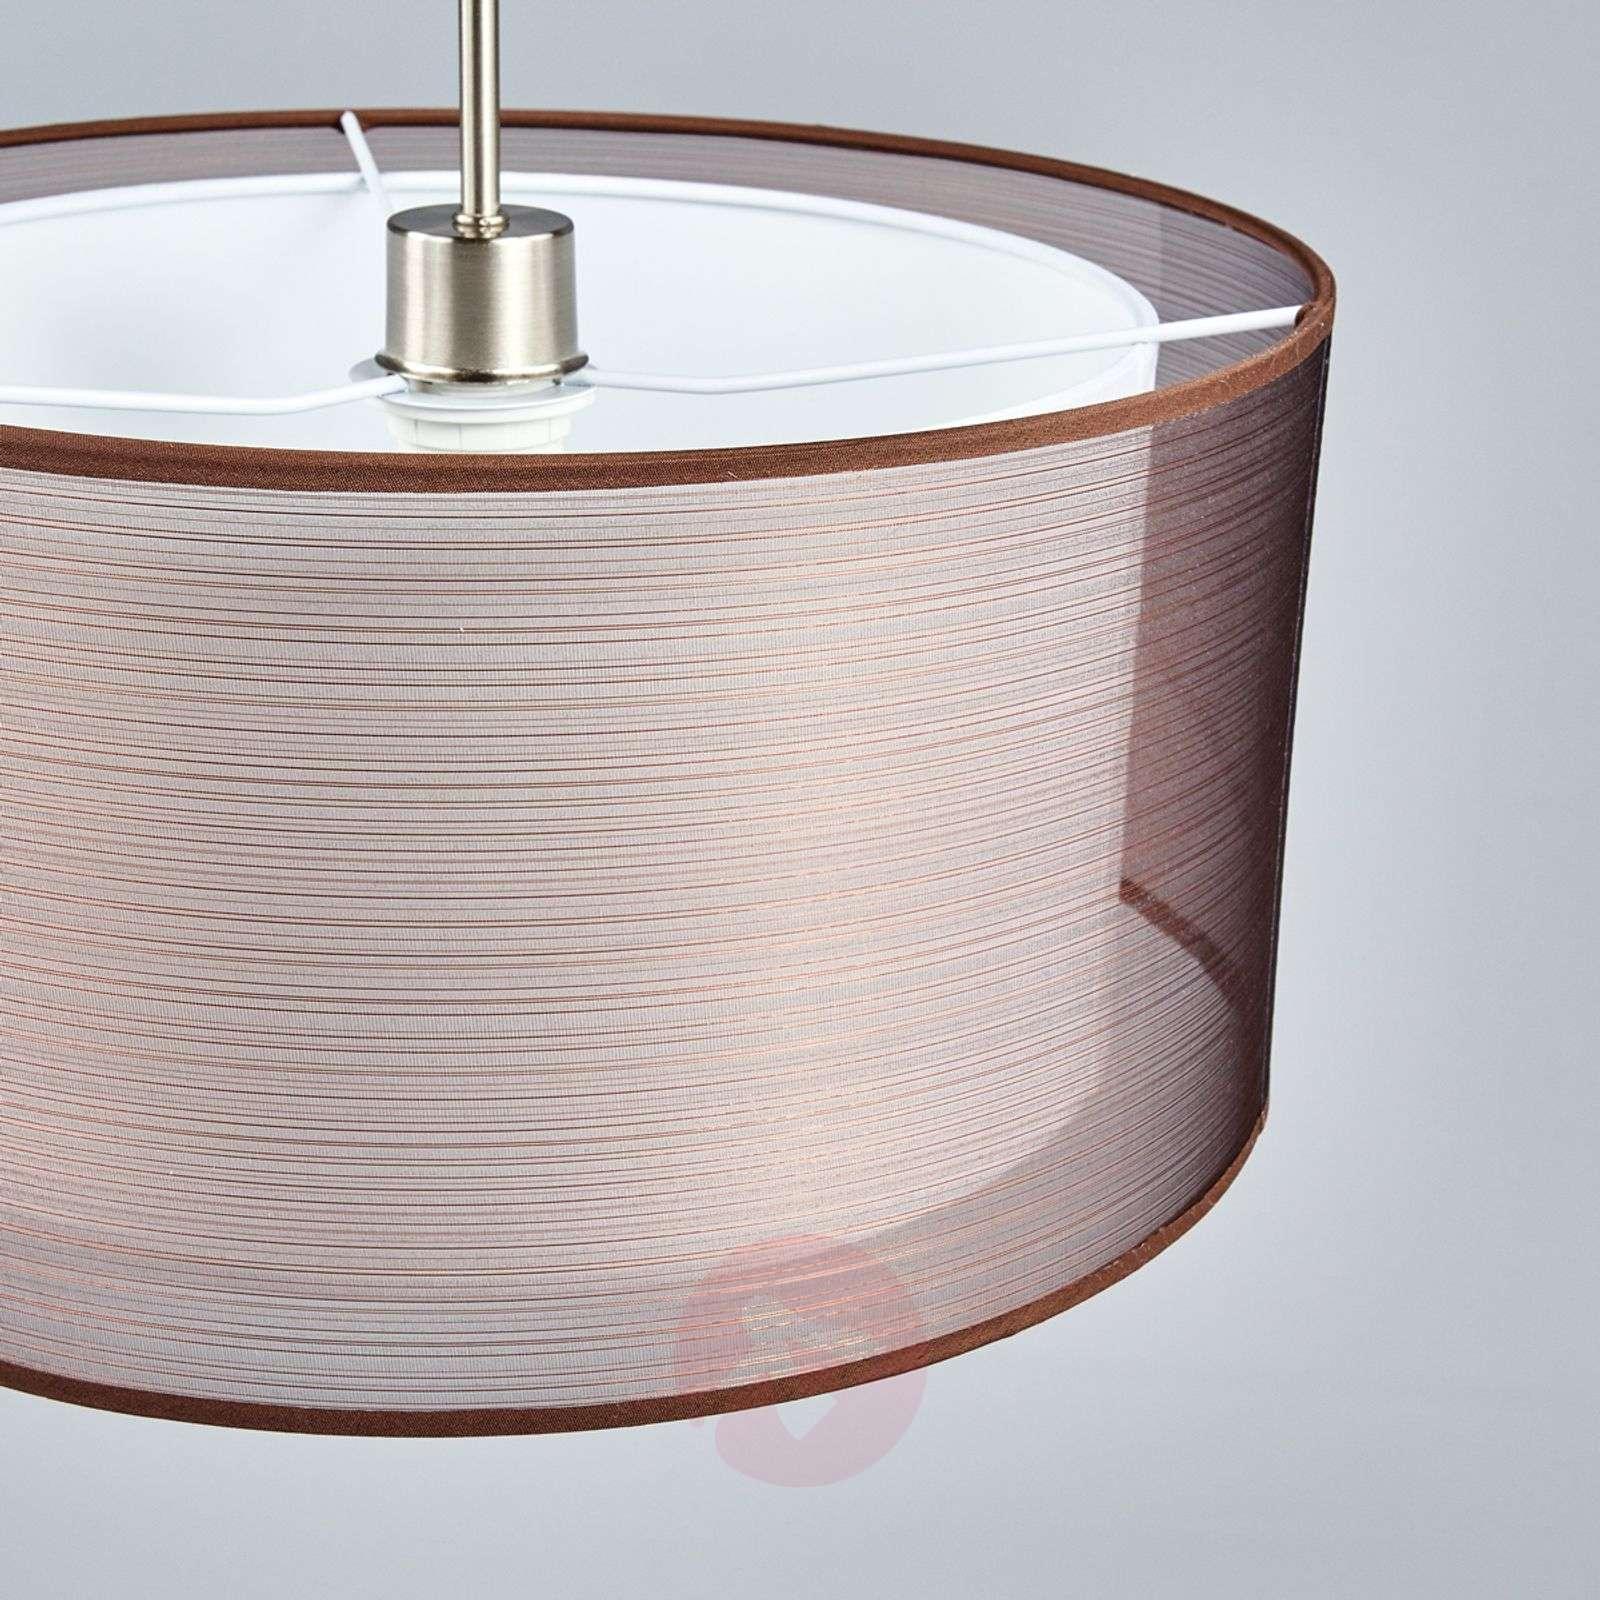 Tekstiilikattovalaisin Nica, ruskea-4018004-03